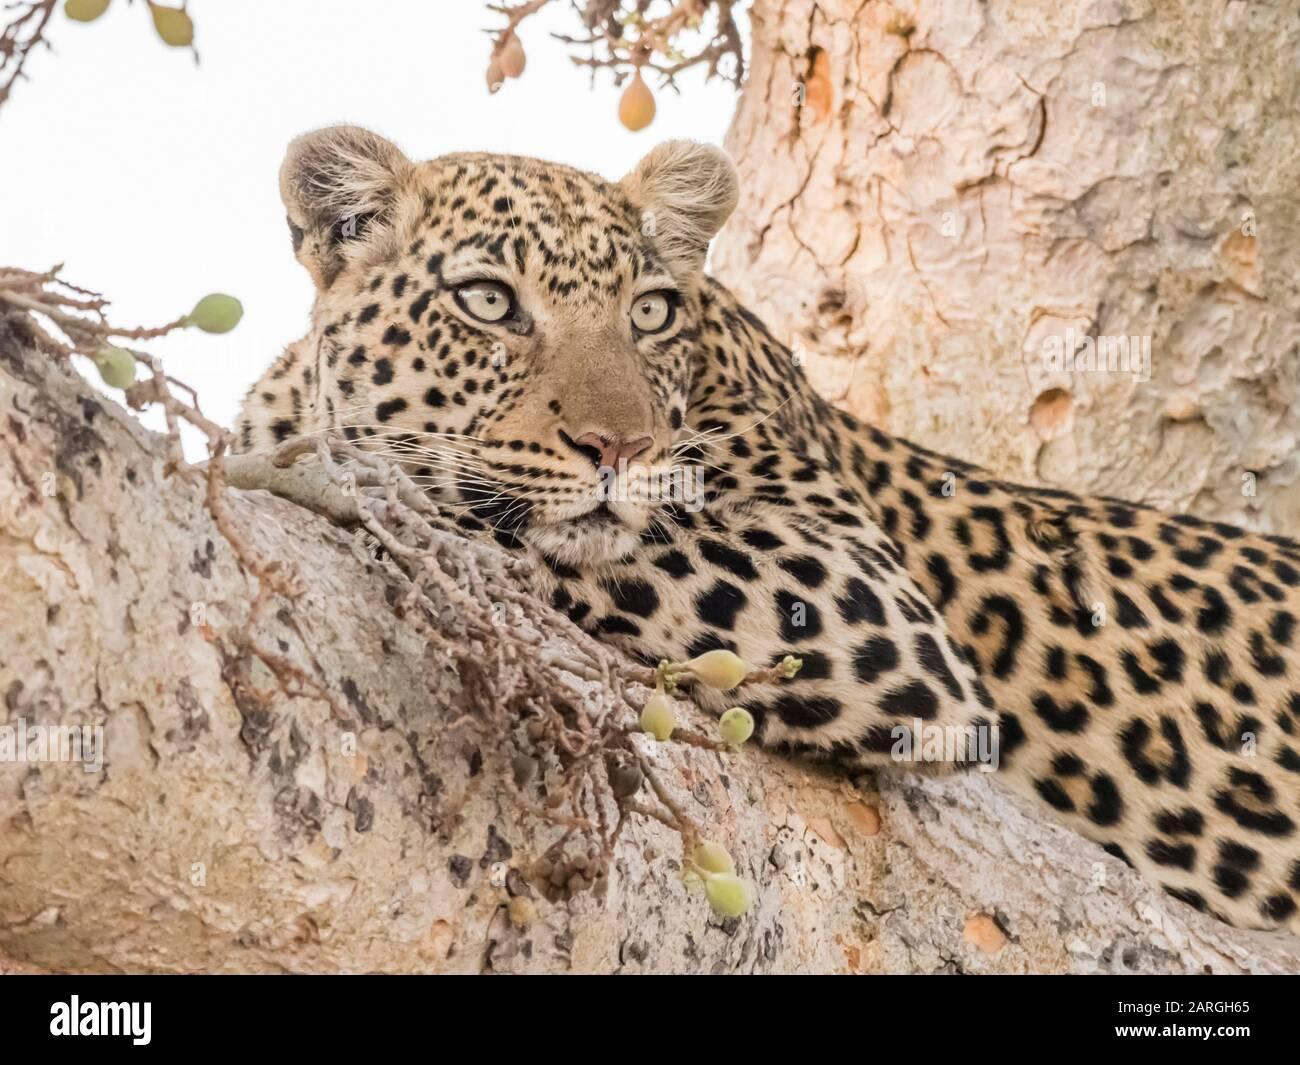 Un léopard adulte (Panthera pardus) reposant dans un arbre du Delta d'Okavango, Botswana, Afrique Banque D'Images